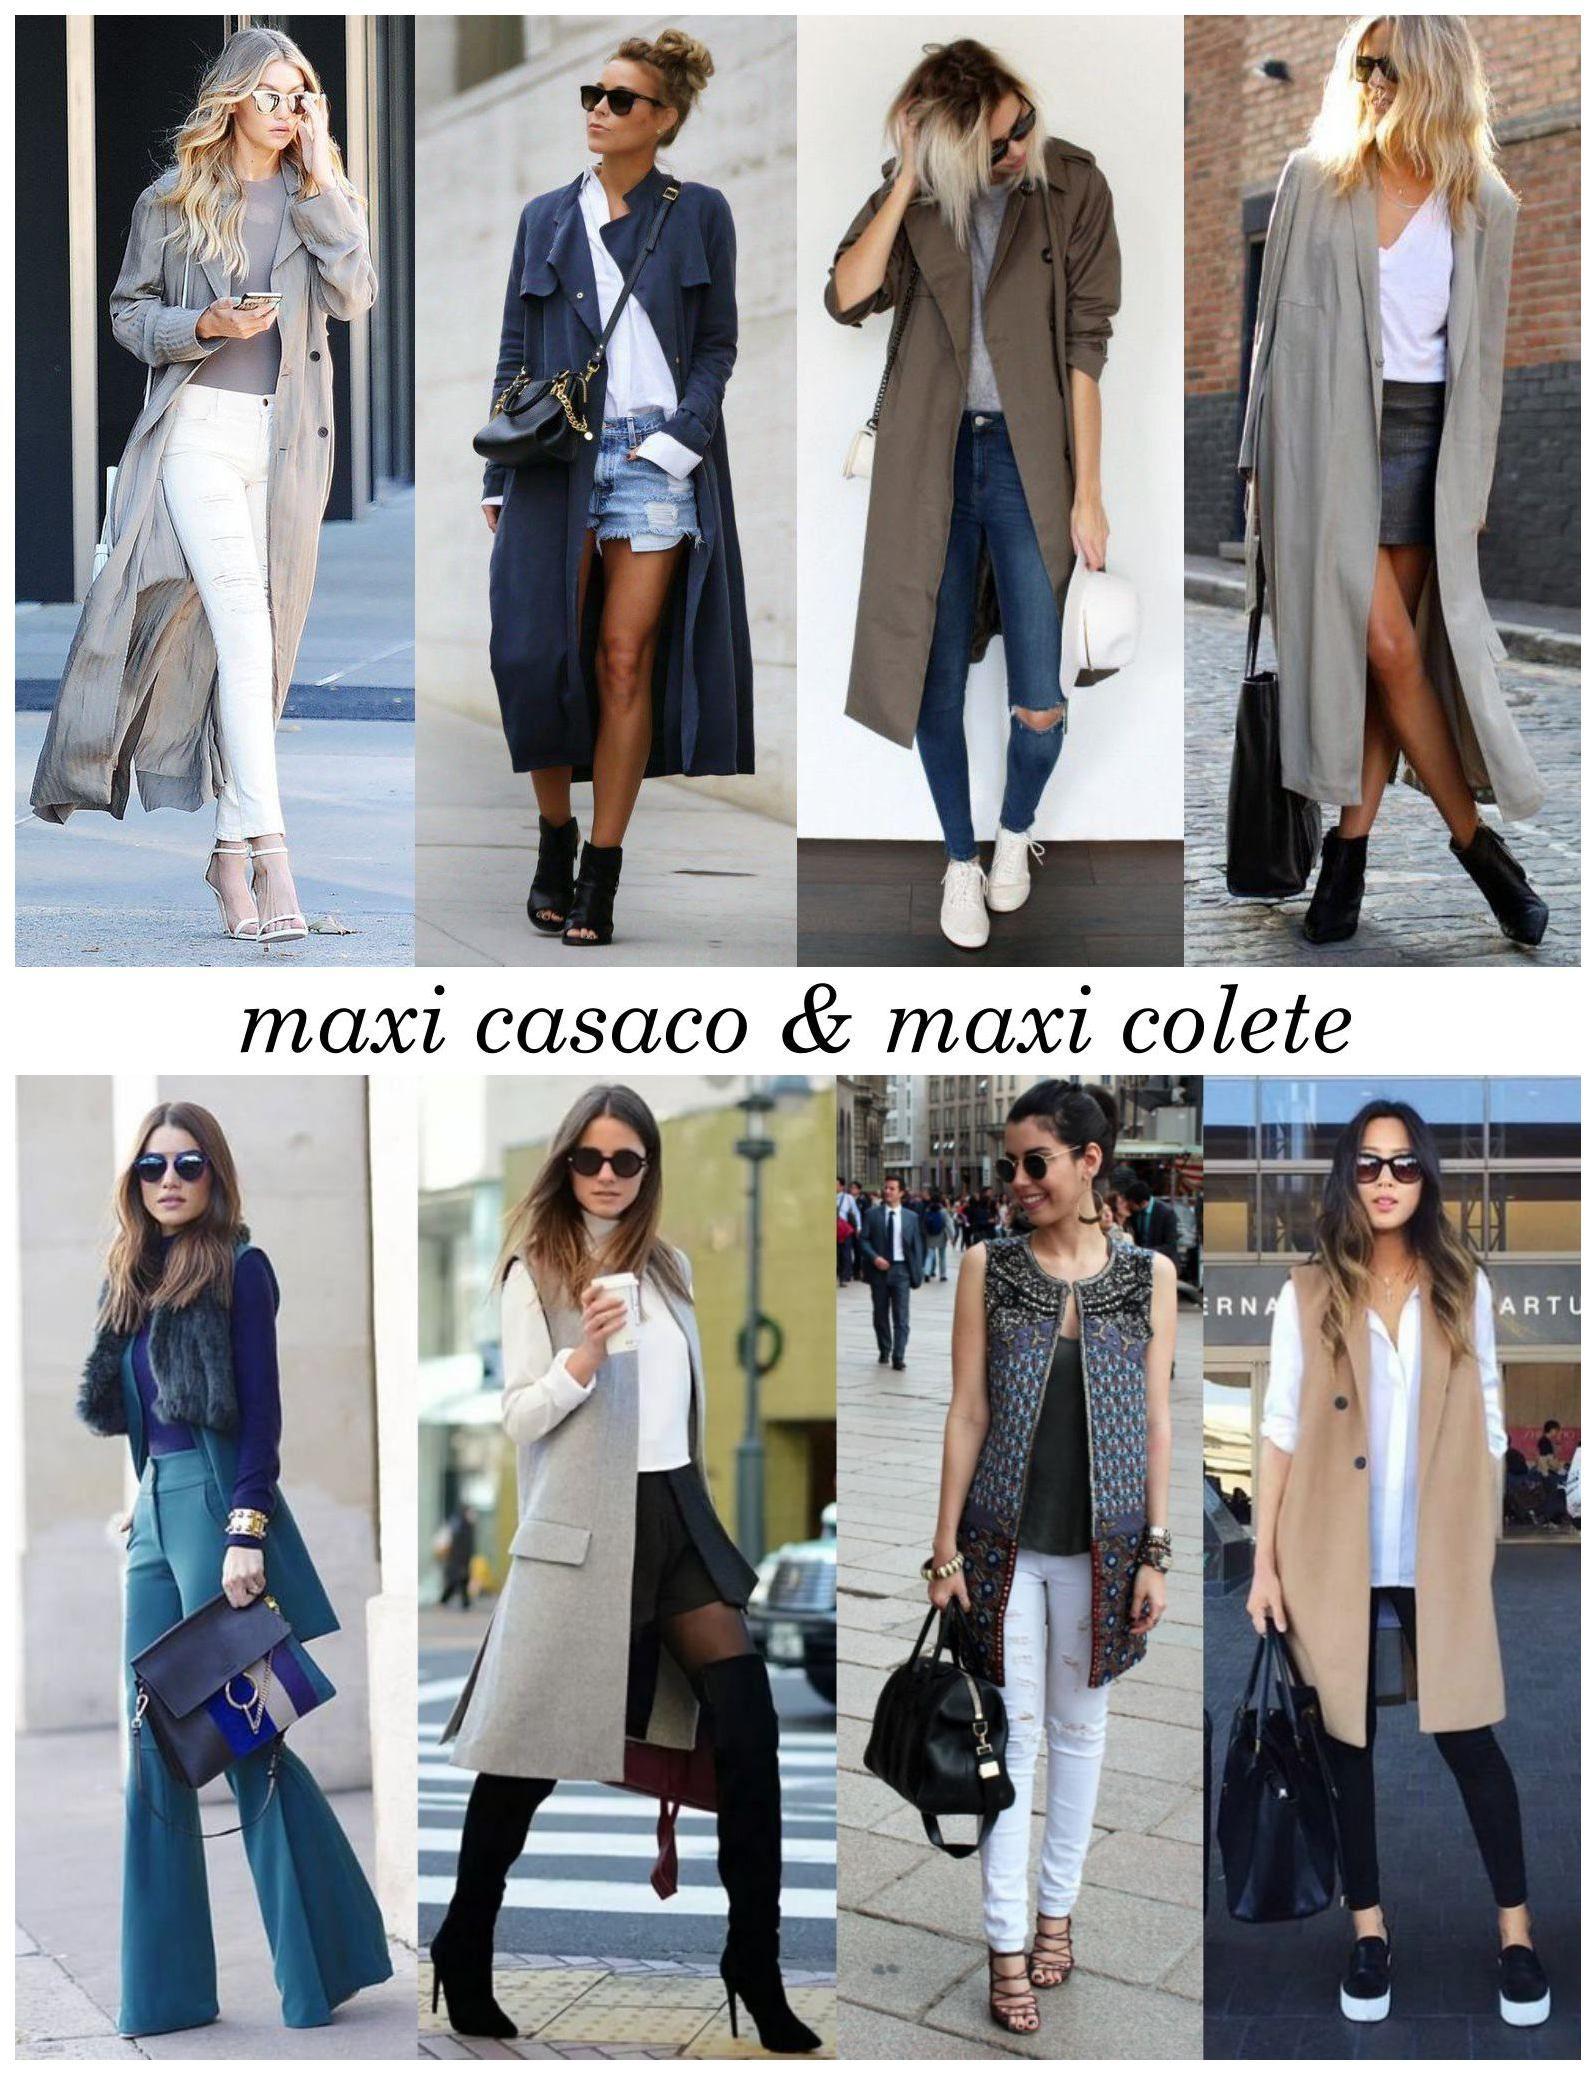 Como usar casaco e colete longo